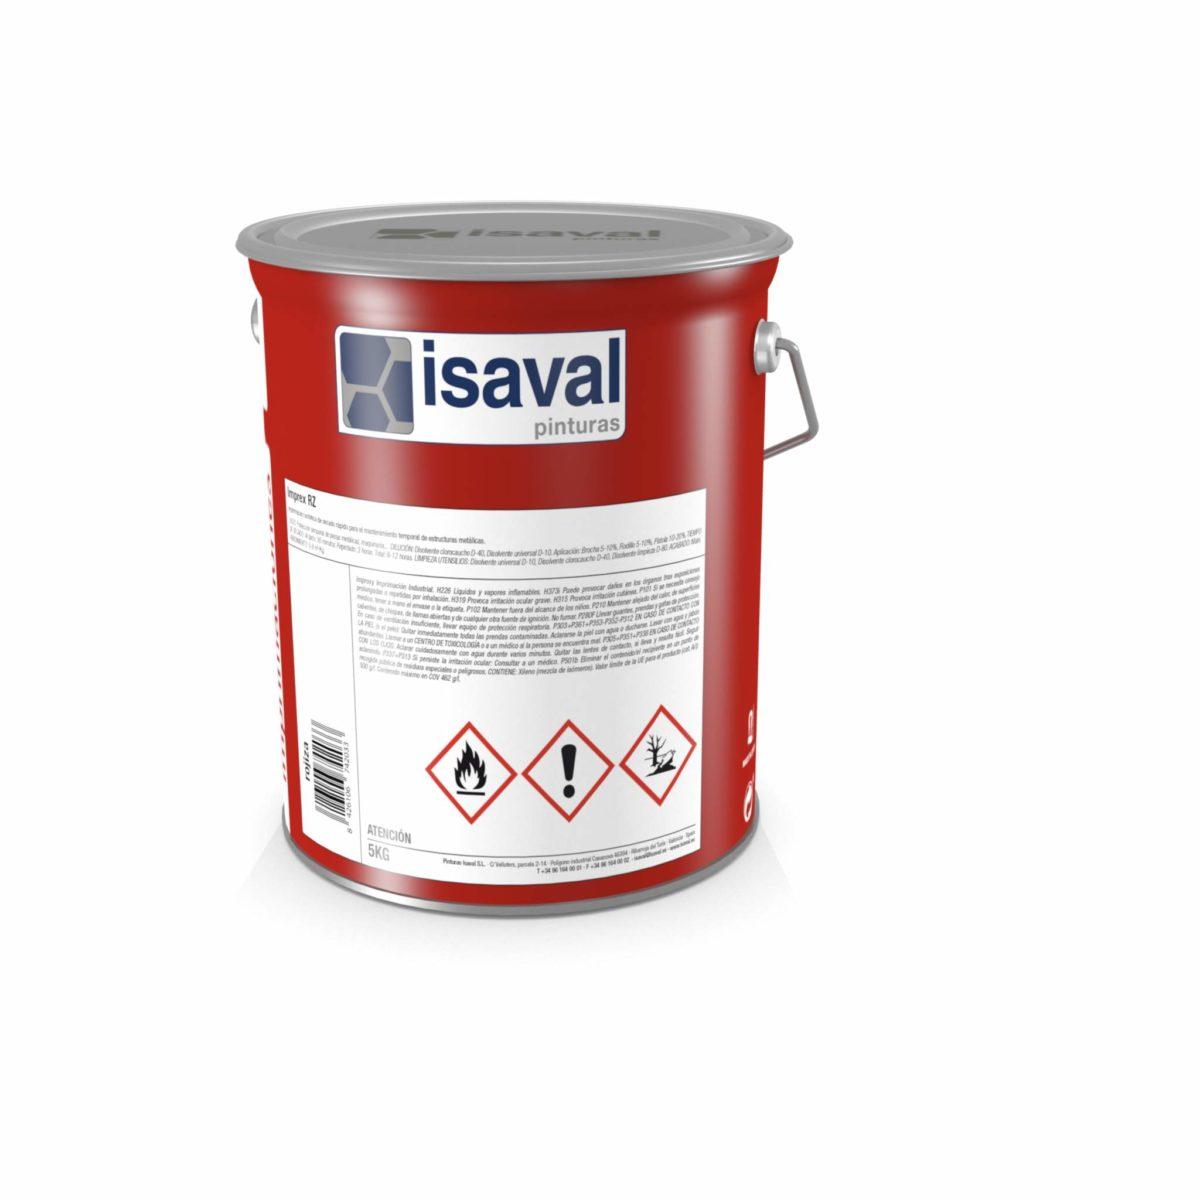 Imprex RZ. Imprimación epoxi-poliamida rica en zinc. Pinturas Isaval